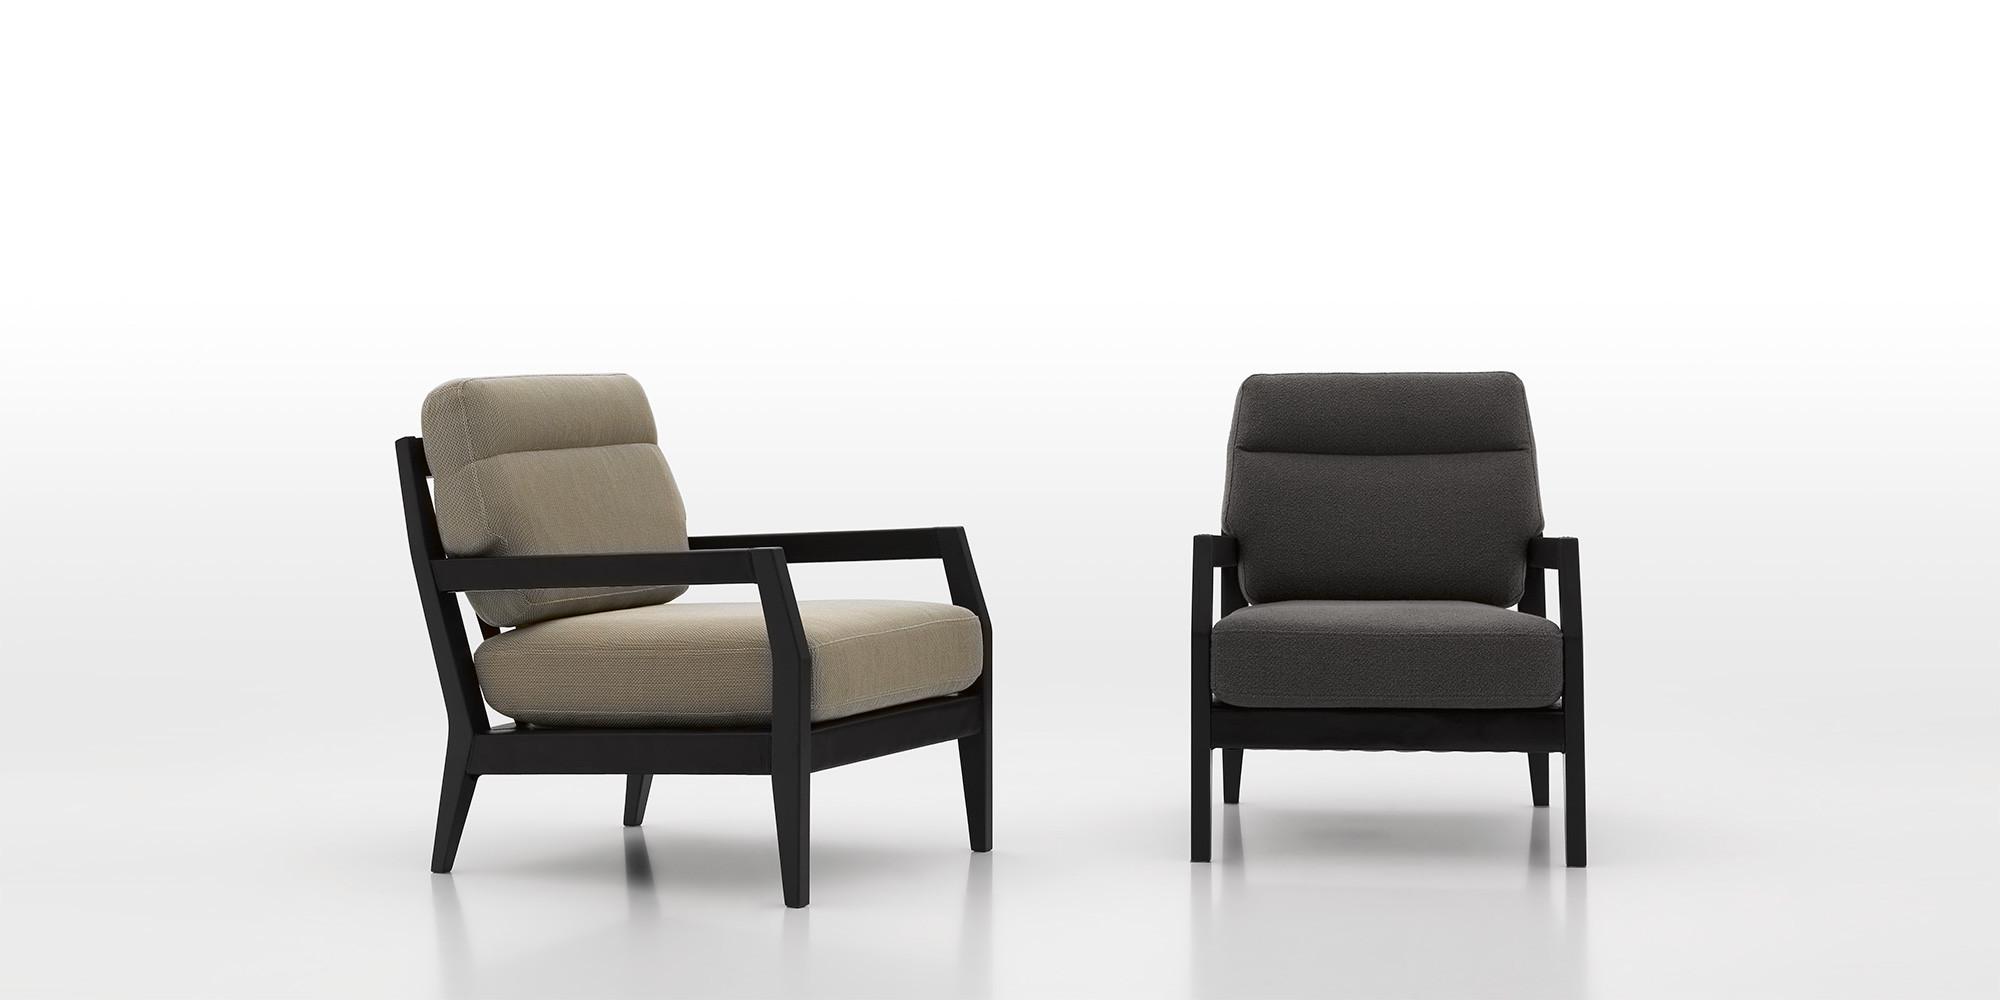 迪信家具 - db9615n 休闲椅